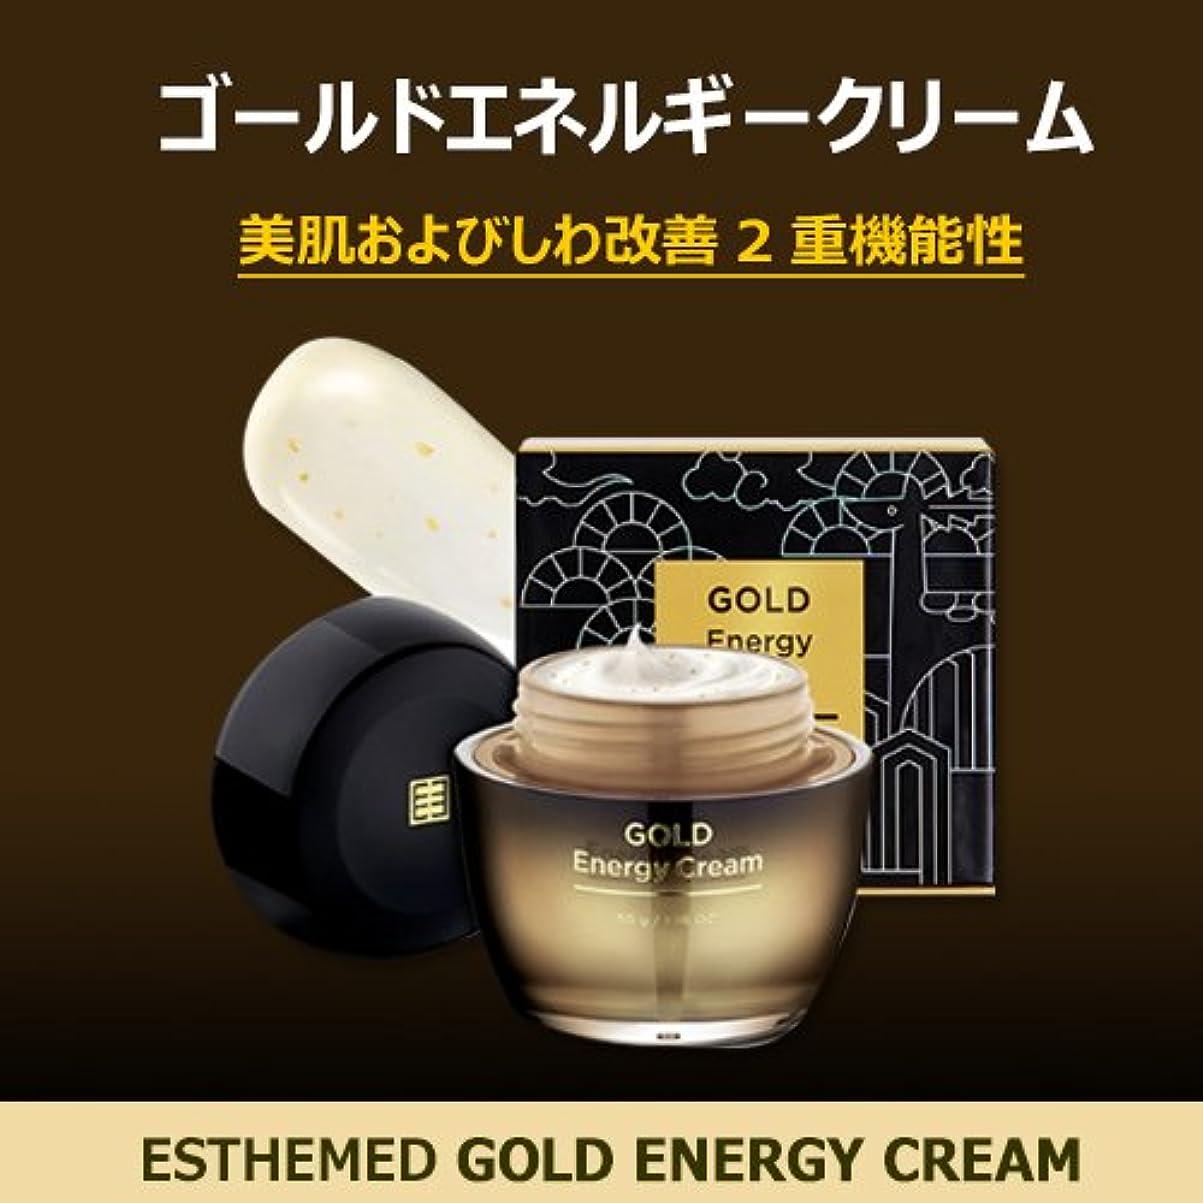 パッケージ同意するロマンチックESTHEMED エステメド ゴールド エネルギー クリーム GOLD Energy Cream 50g 【 シワ改善 美肌 保湿 回復 韓国コスメ 】